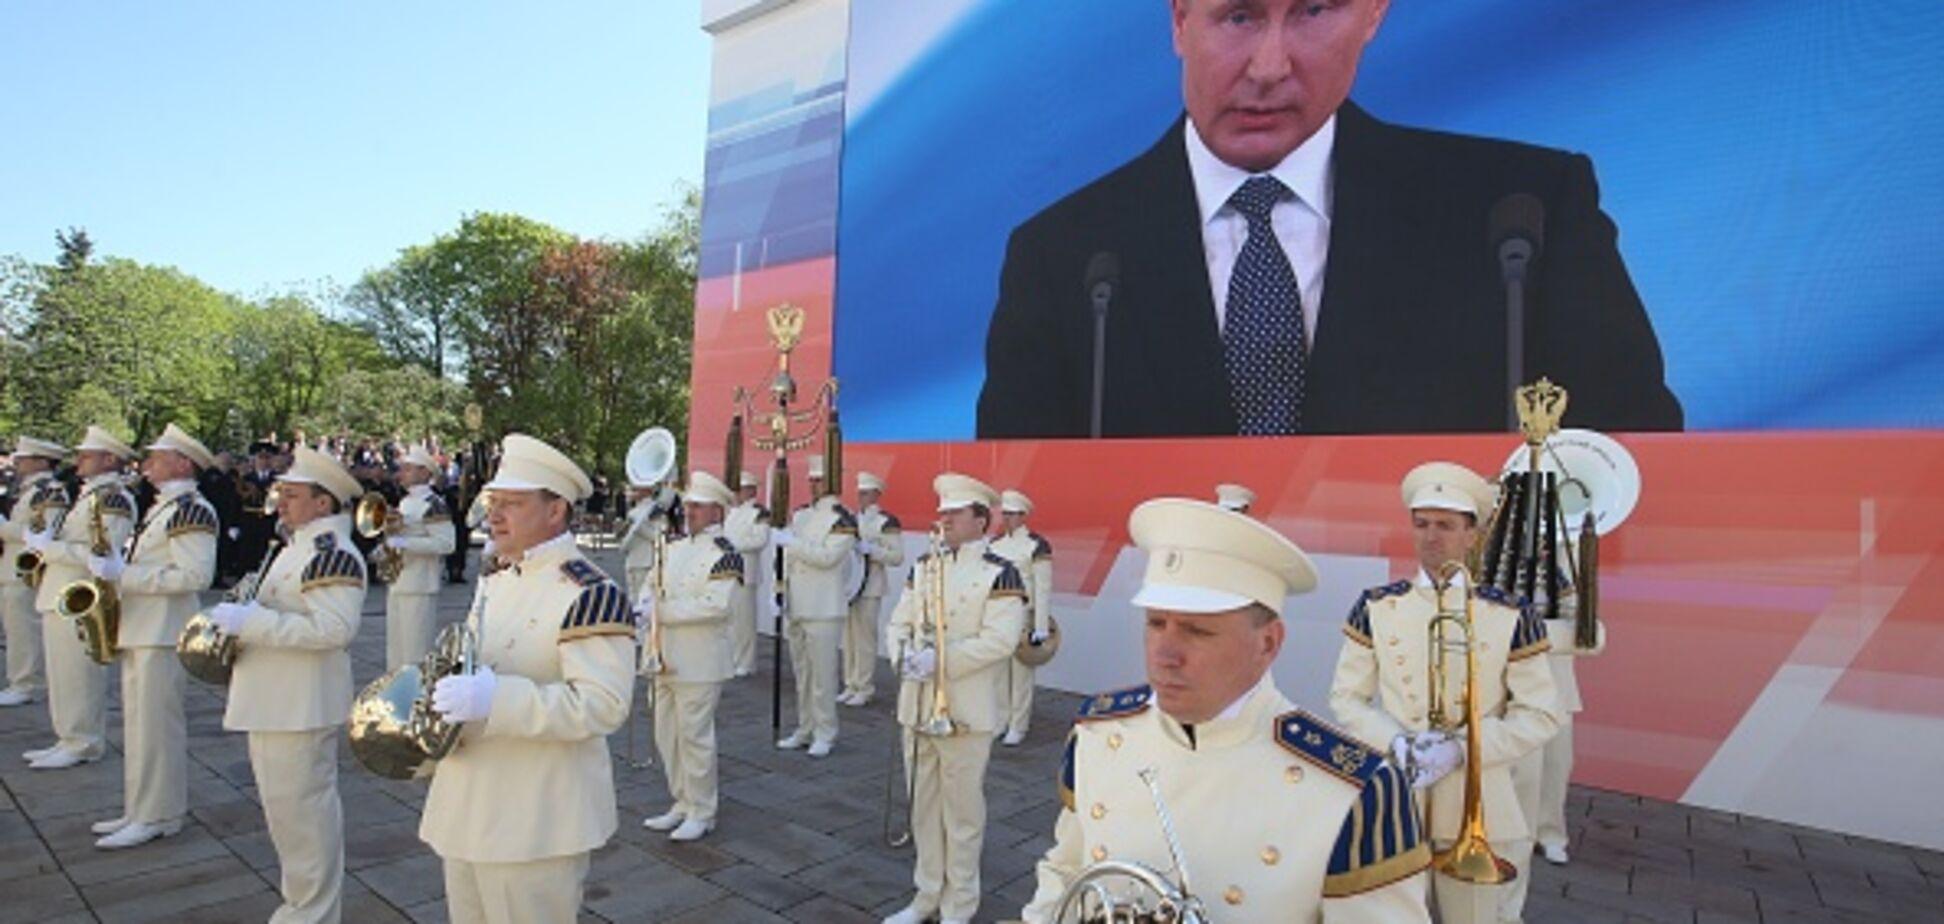 У кращих традиціях Оруелла: як Путін водить за ніс росіян